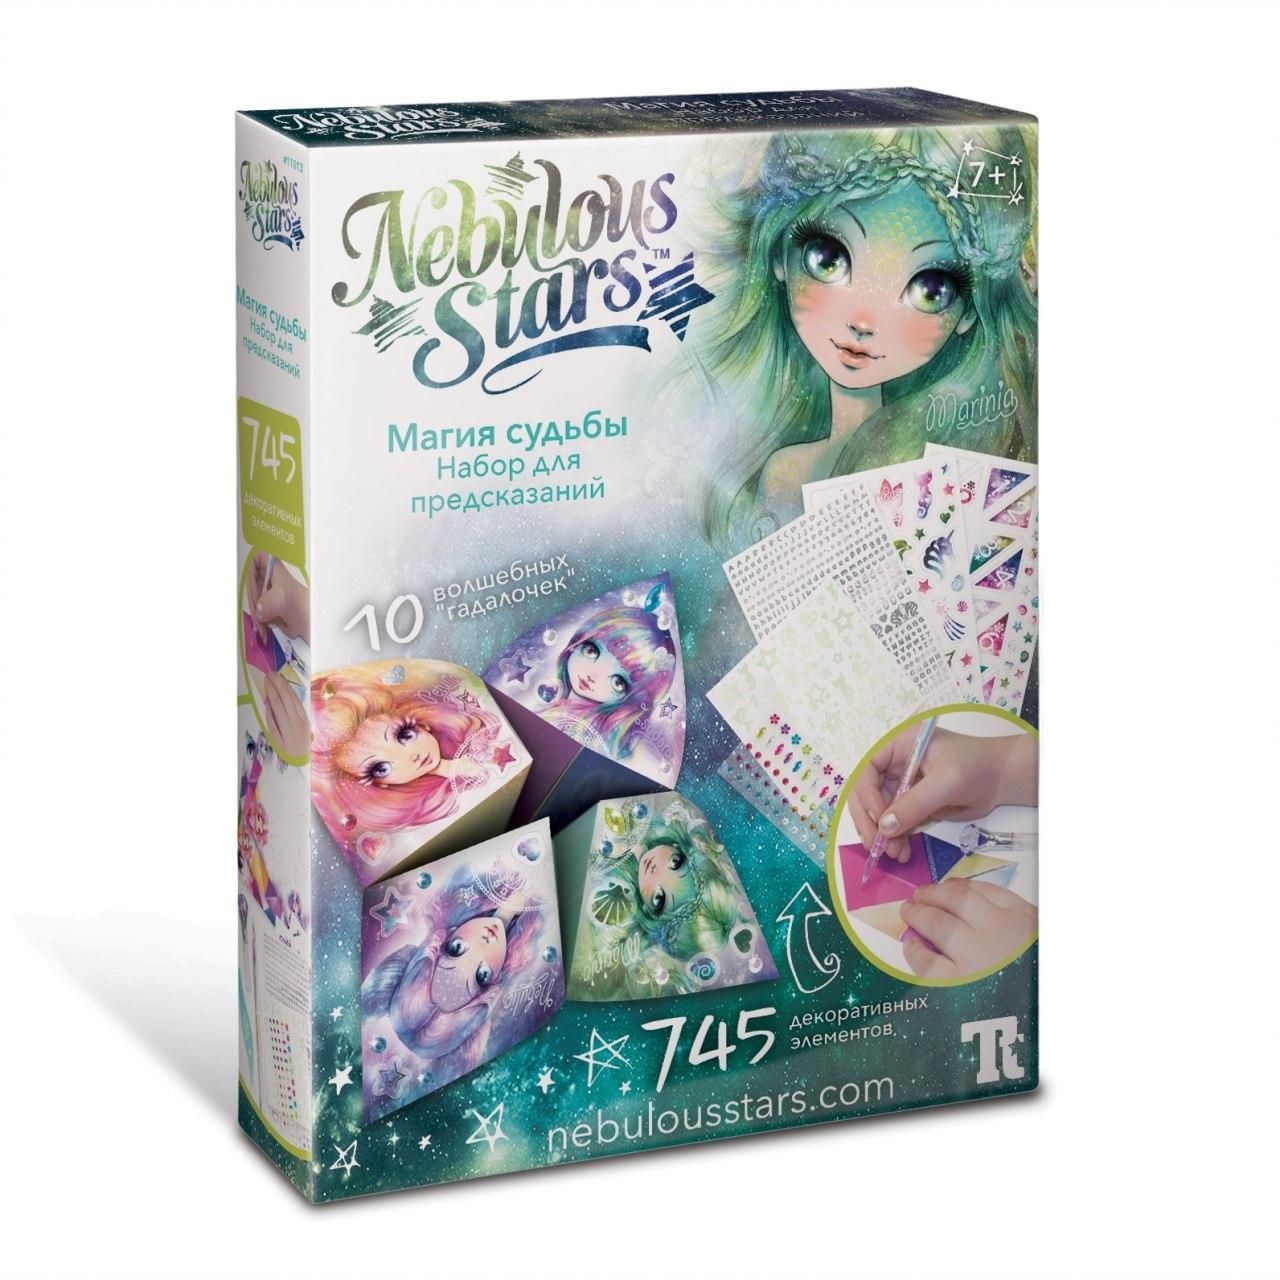 Купить Набор для творчества NEBULOUS STARS 11013 Магия судьбы для предсказаний, Китай